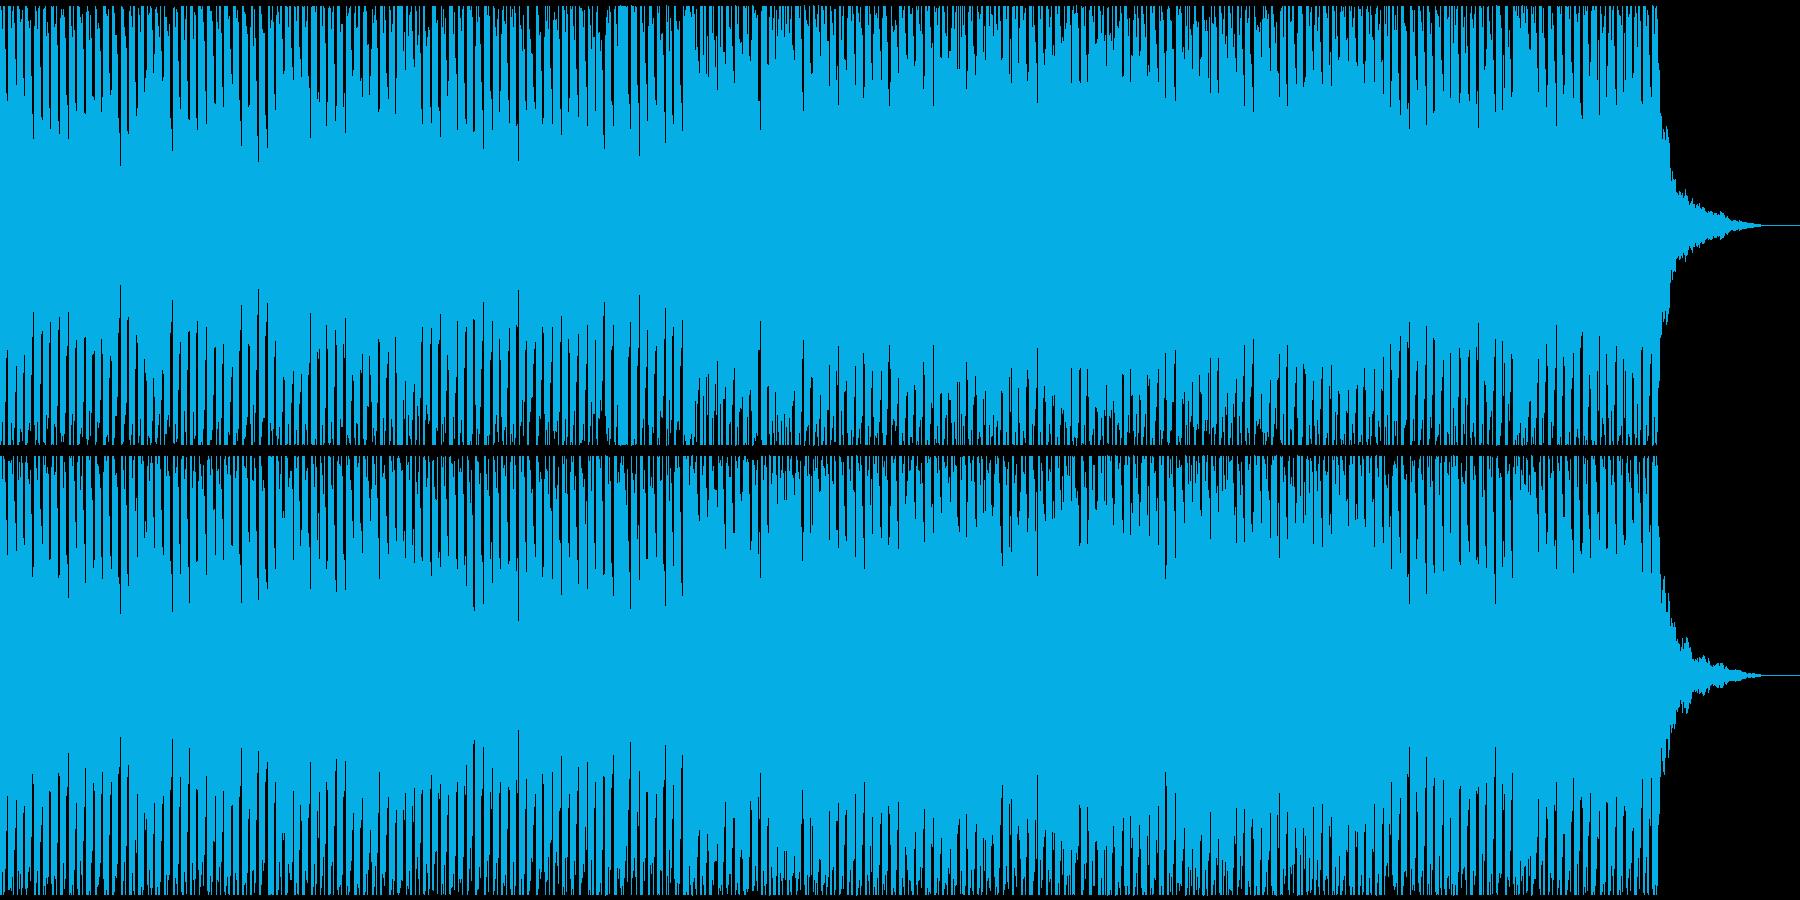 シュールで大人っぽいテクノサウンドの再生済みの波形